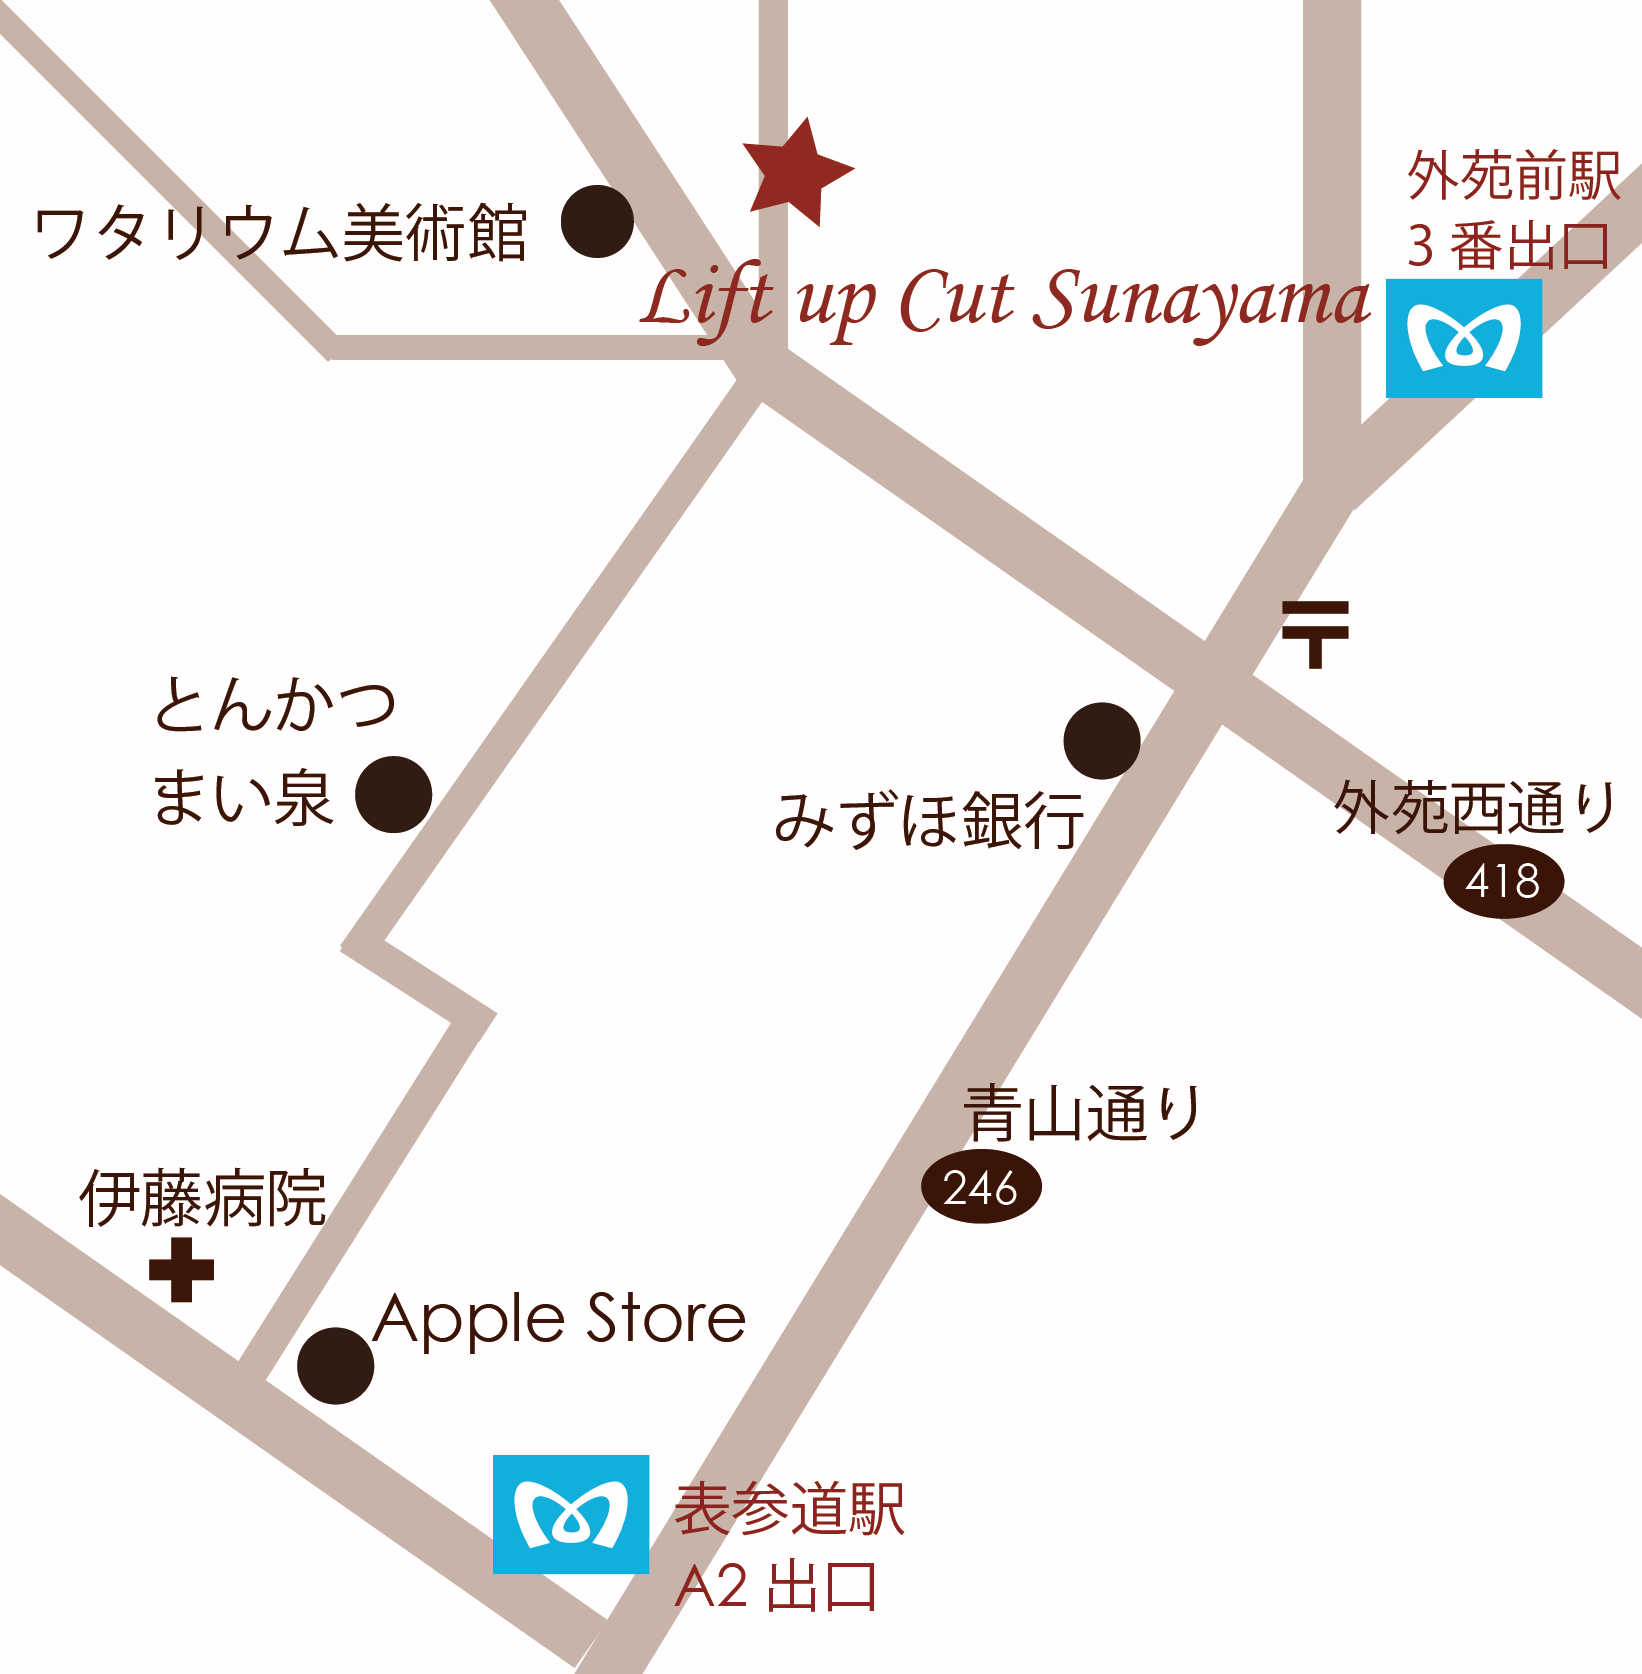 芦屋店臨時休業のお知らせ_b0115615_18225637.png